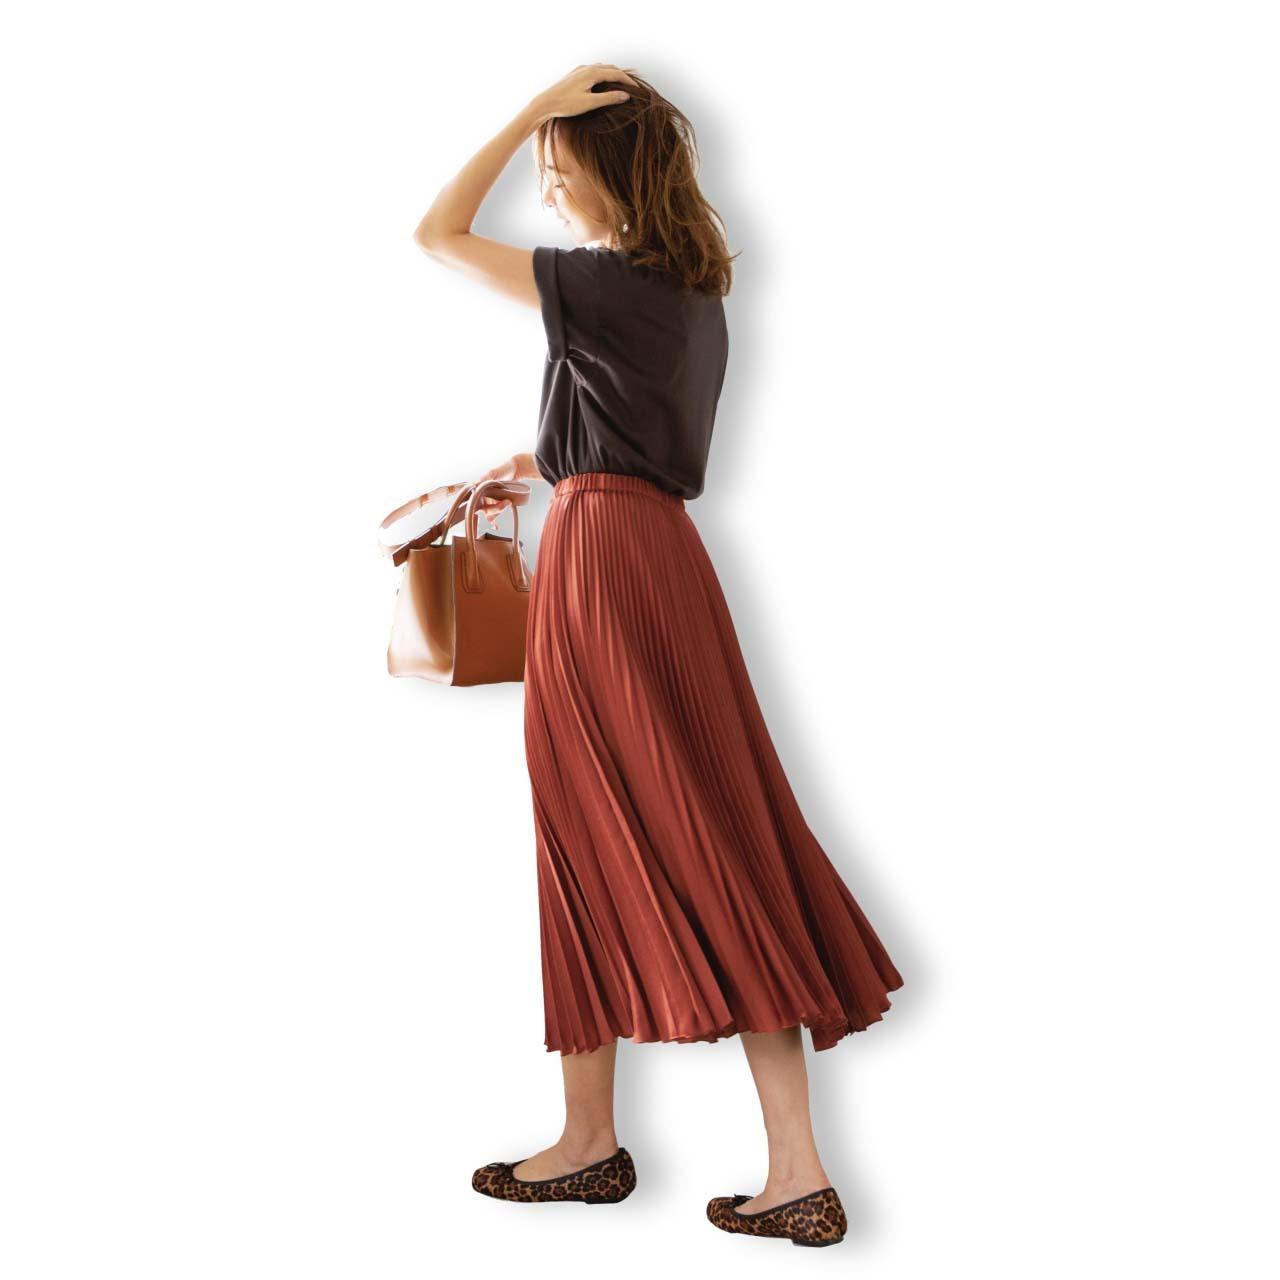 Tシャツ×プリーツスカートの「スパイス ブラウン」コーデ